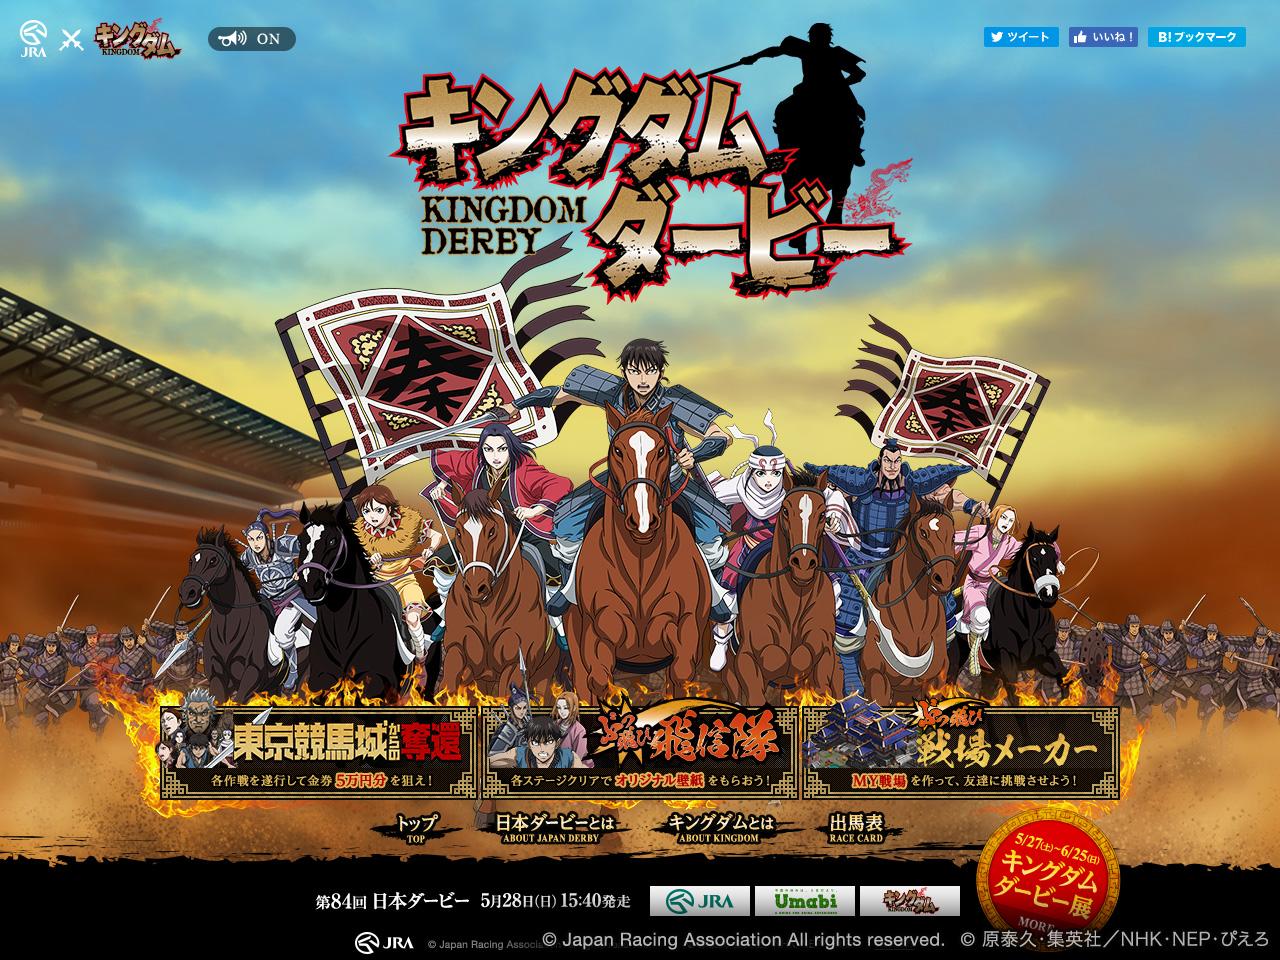 「JRA」×「キングダム」初コラボ! ダービー馬を奪還せよ!